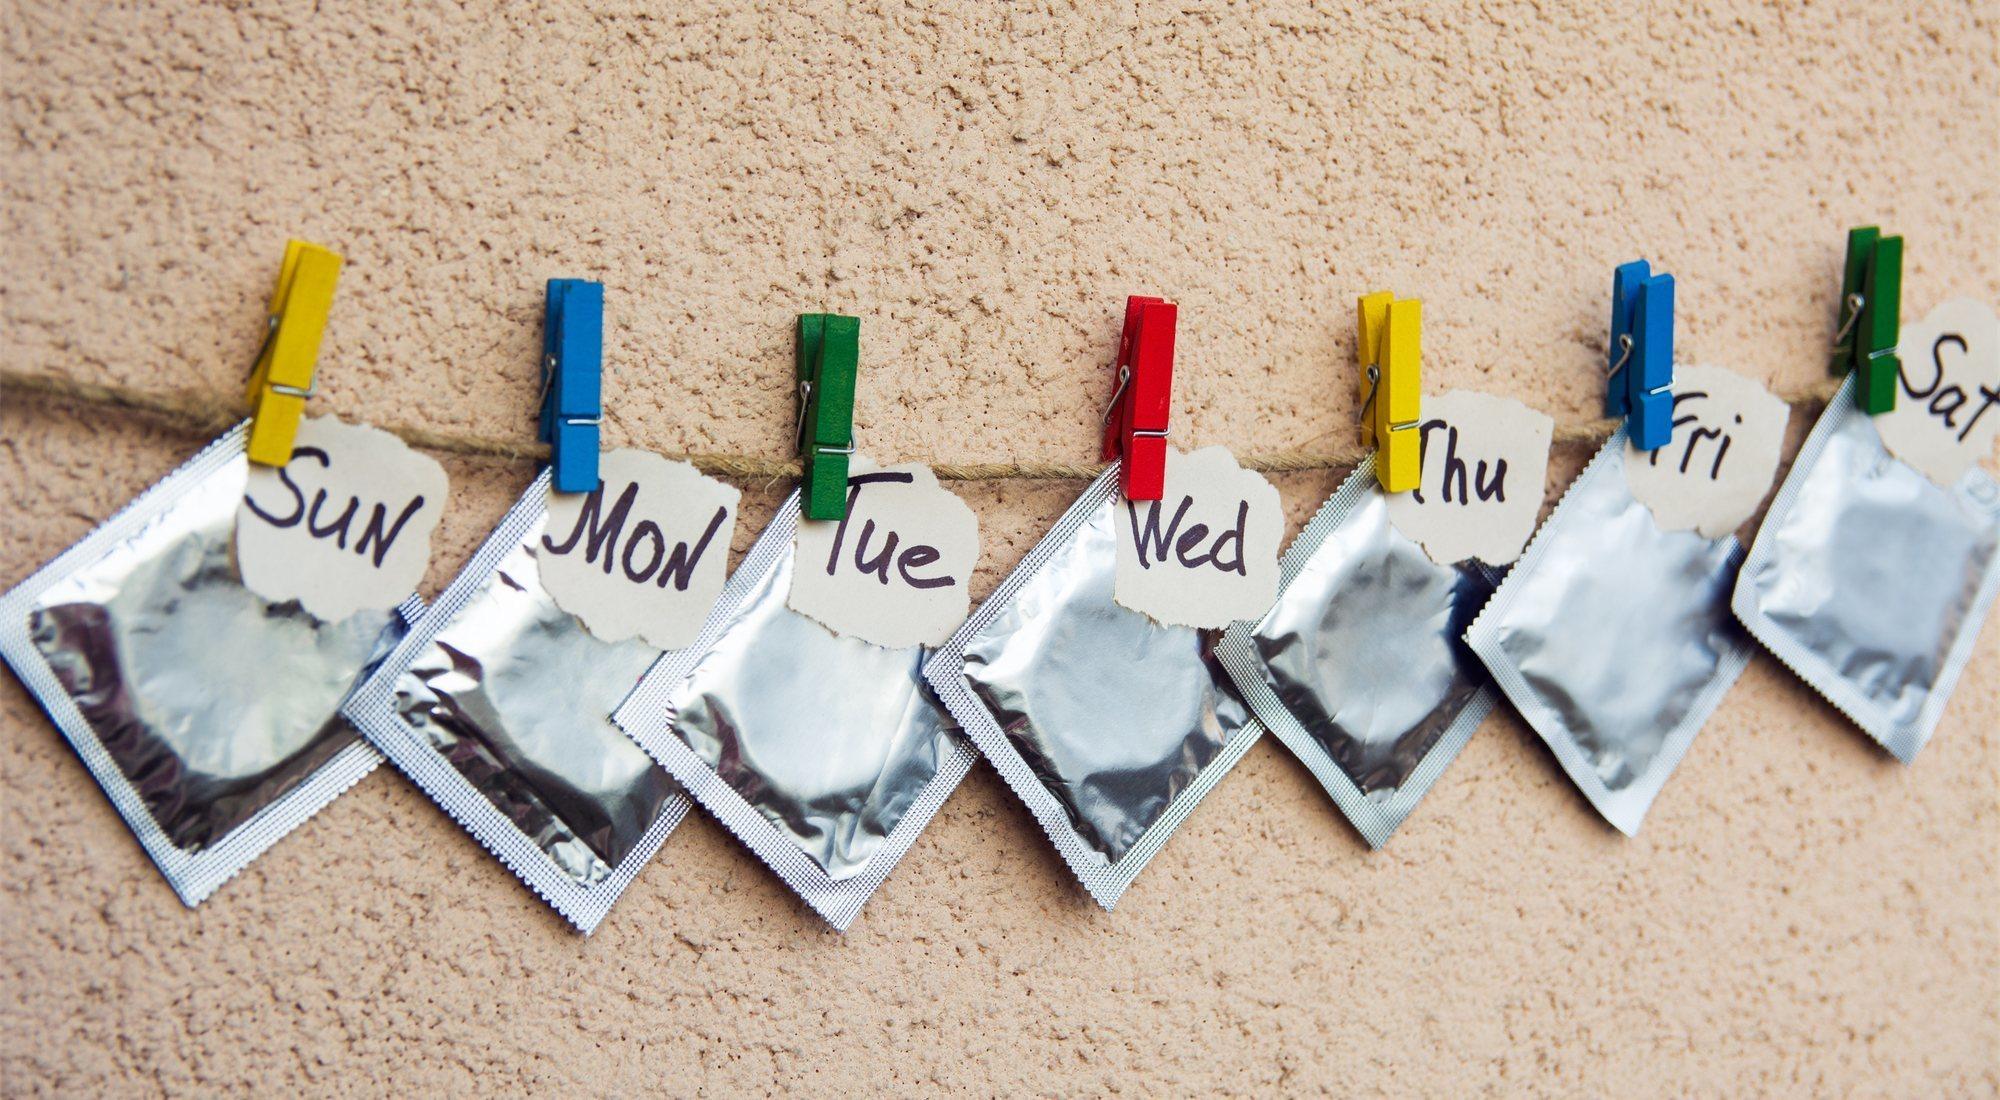 Tipos de preservativos: pros y contras de cada uno